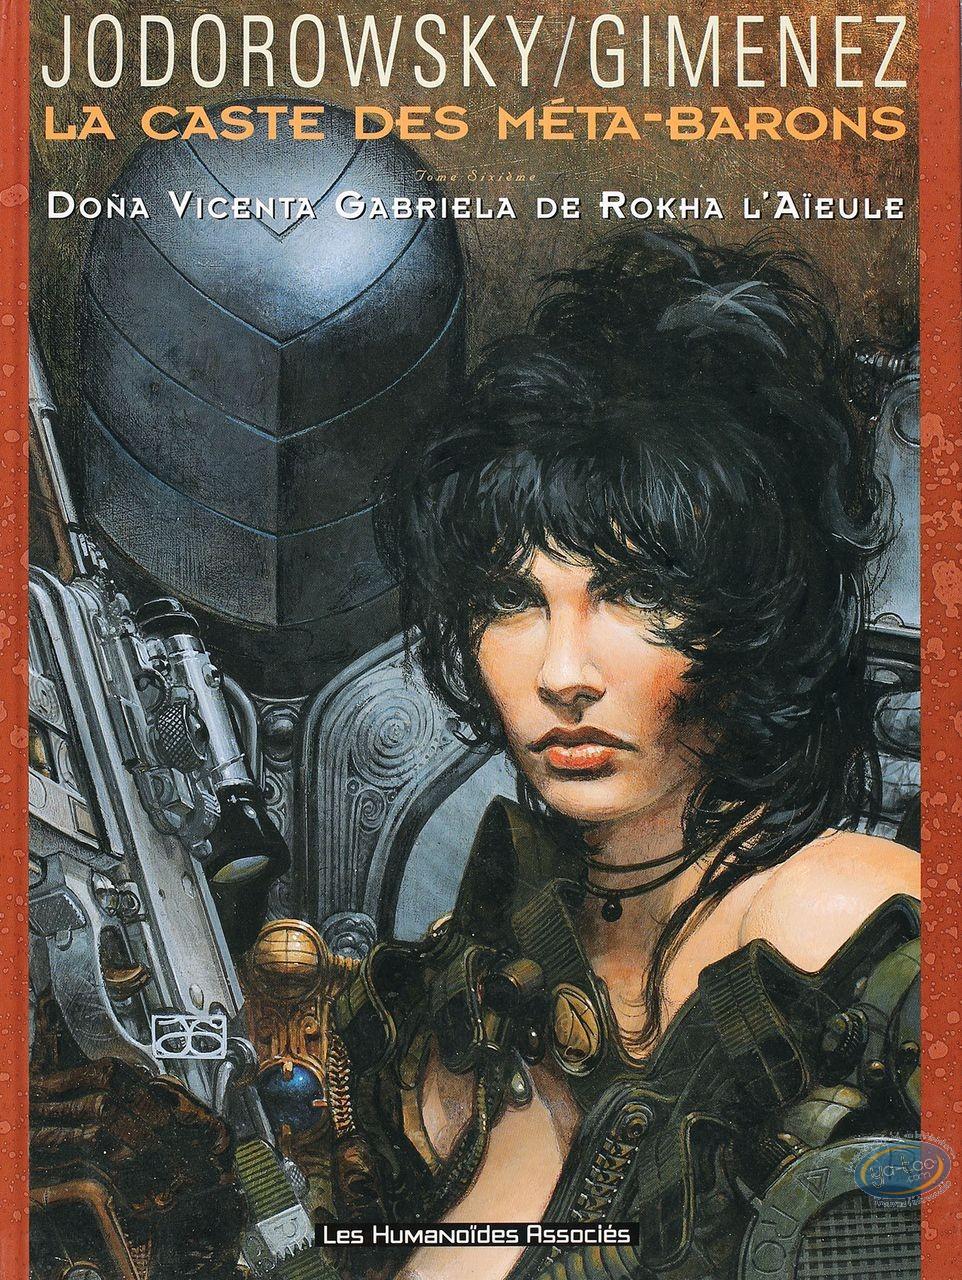 Listed European Comic Books, Caste des Métas-Barons (La) : Dona Vicenta Gabriela de Rokha l'Aïeule